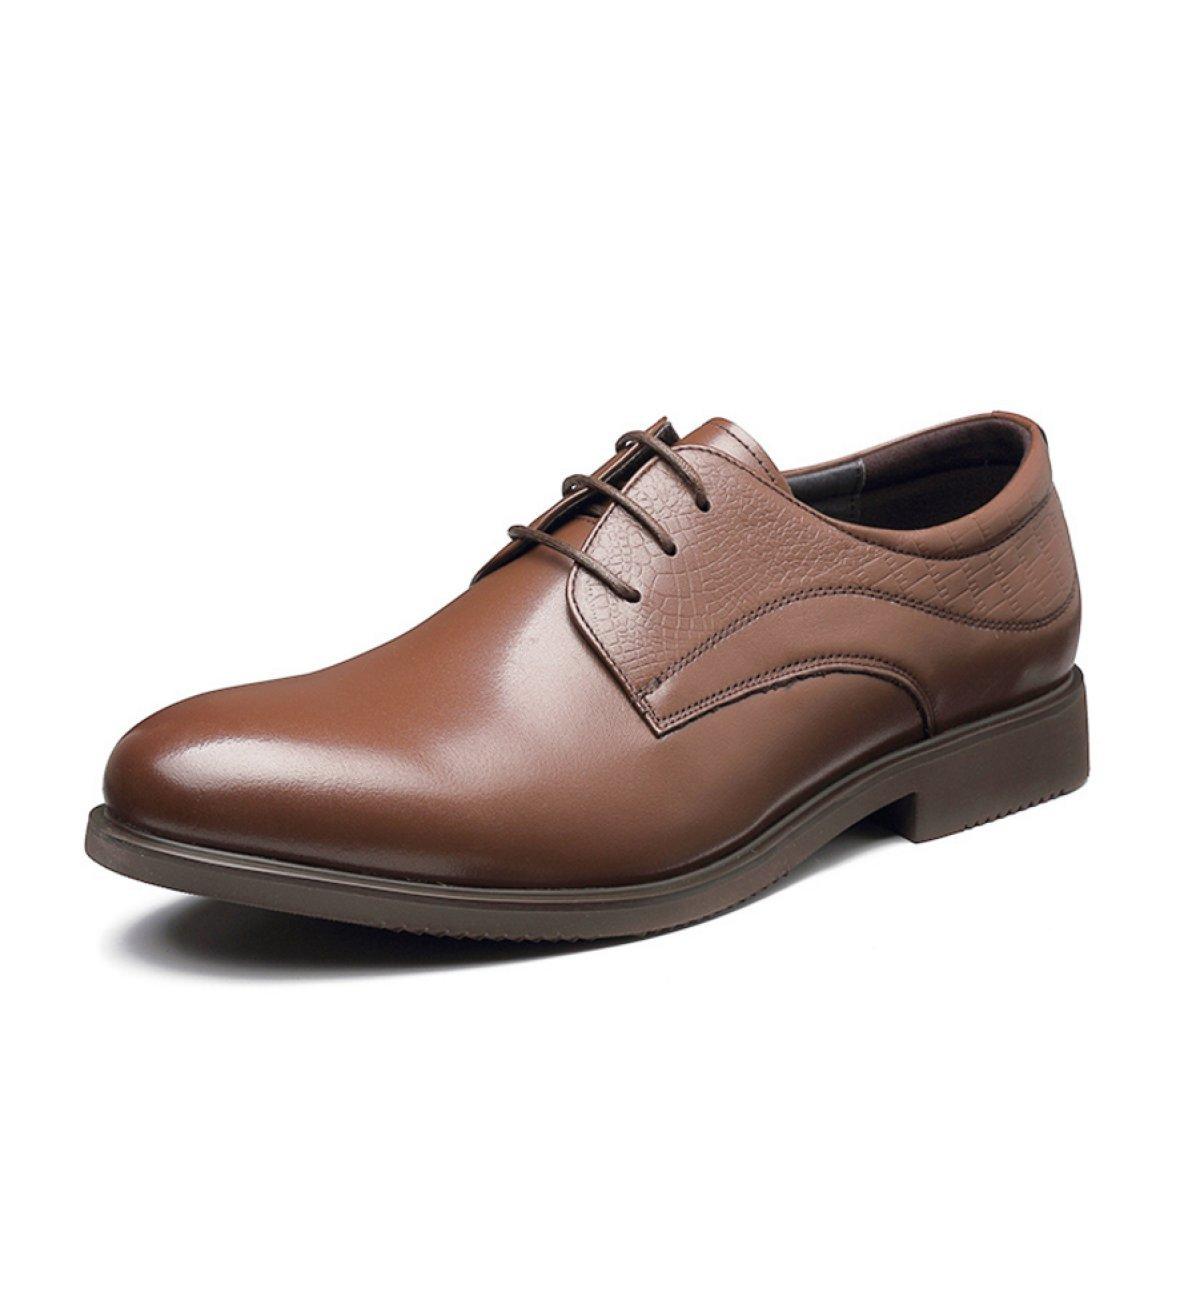 Gran Oficina Ocasional Cuero De Los Hombres Está Tremendamente Equipado Con Zapatos De Cuero 38 Brown